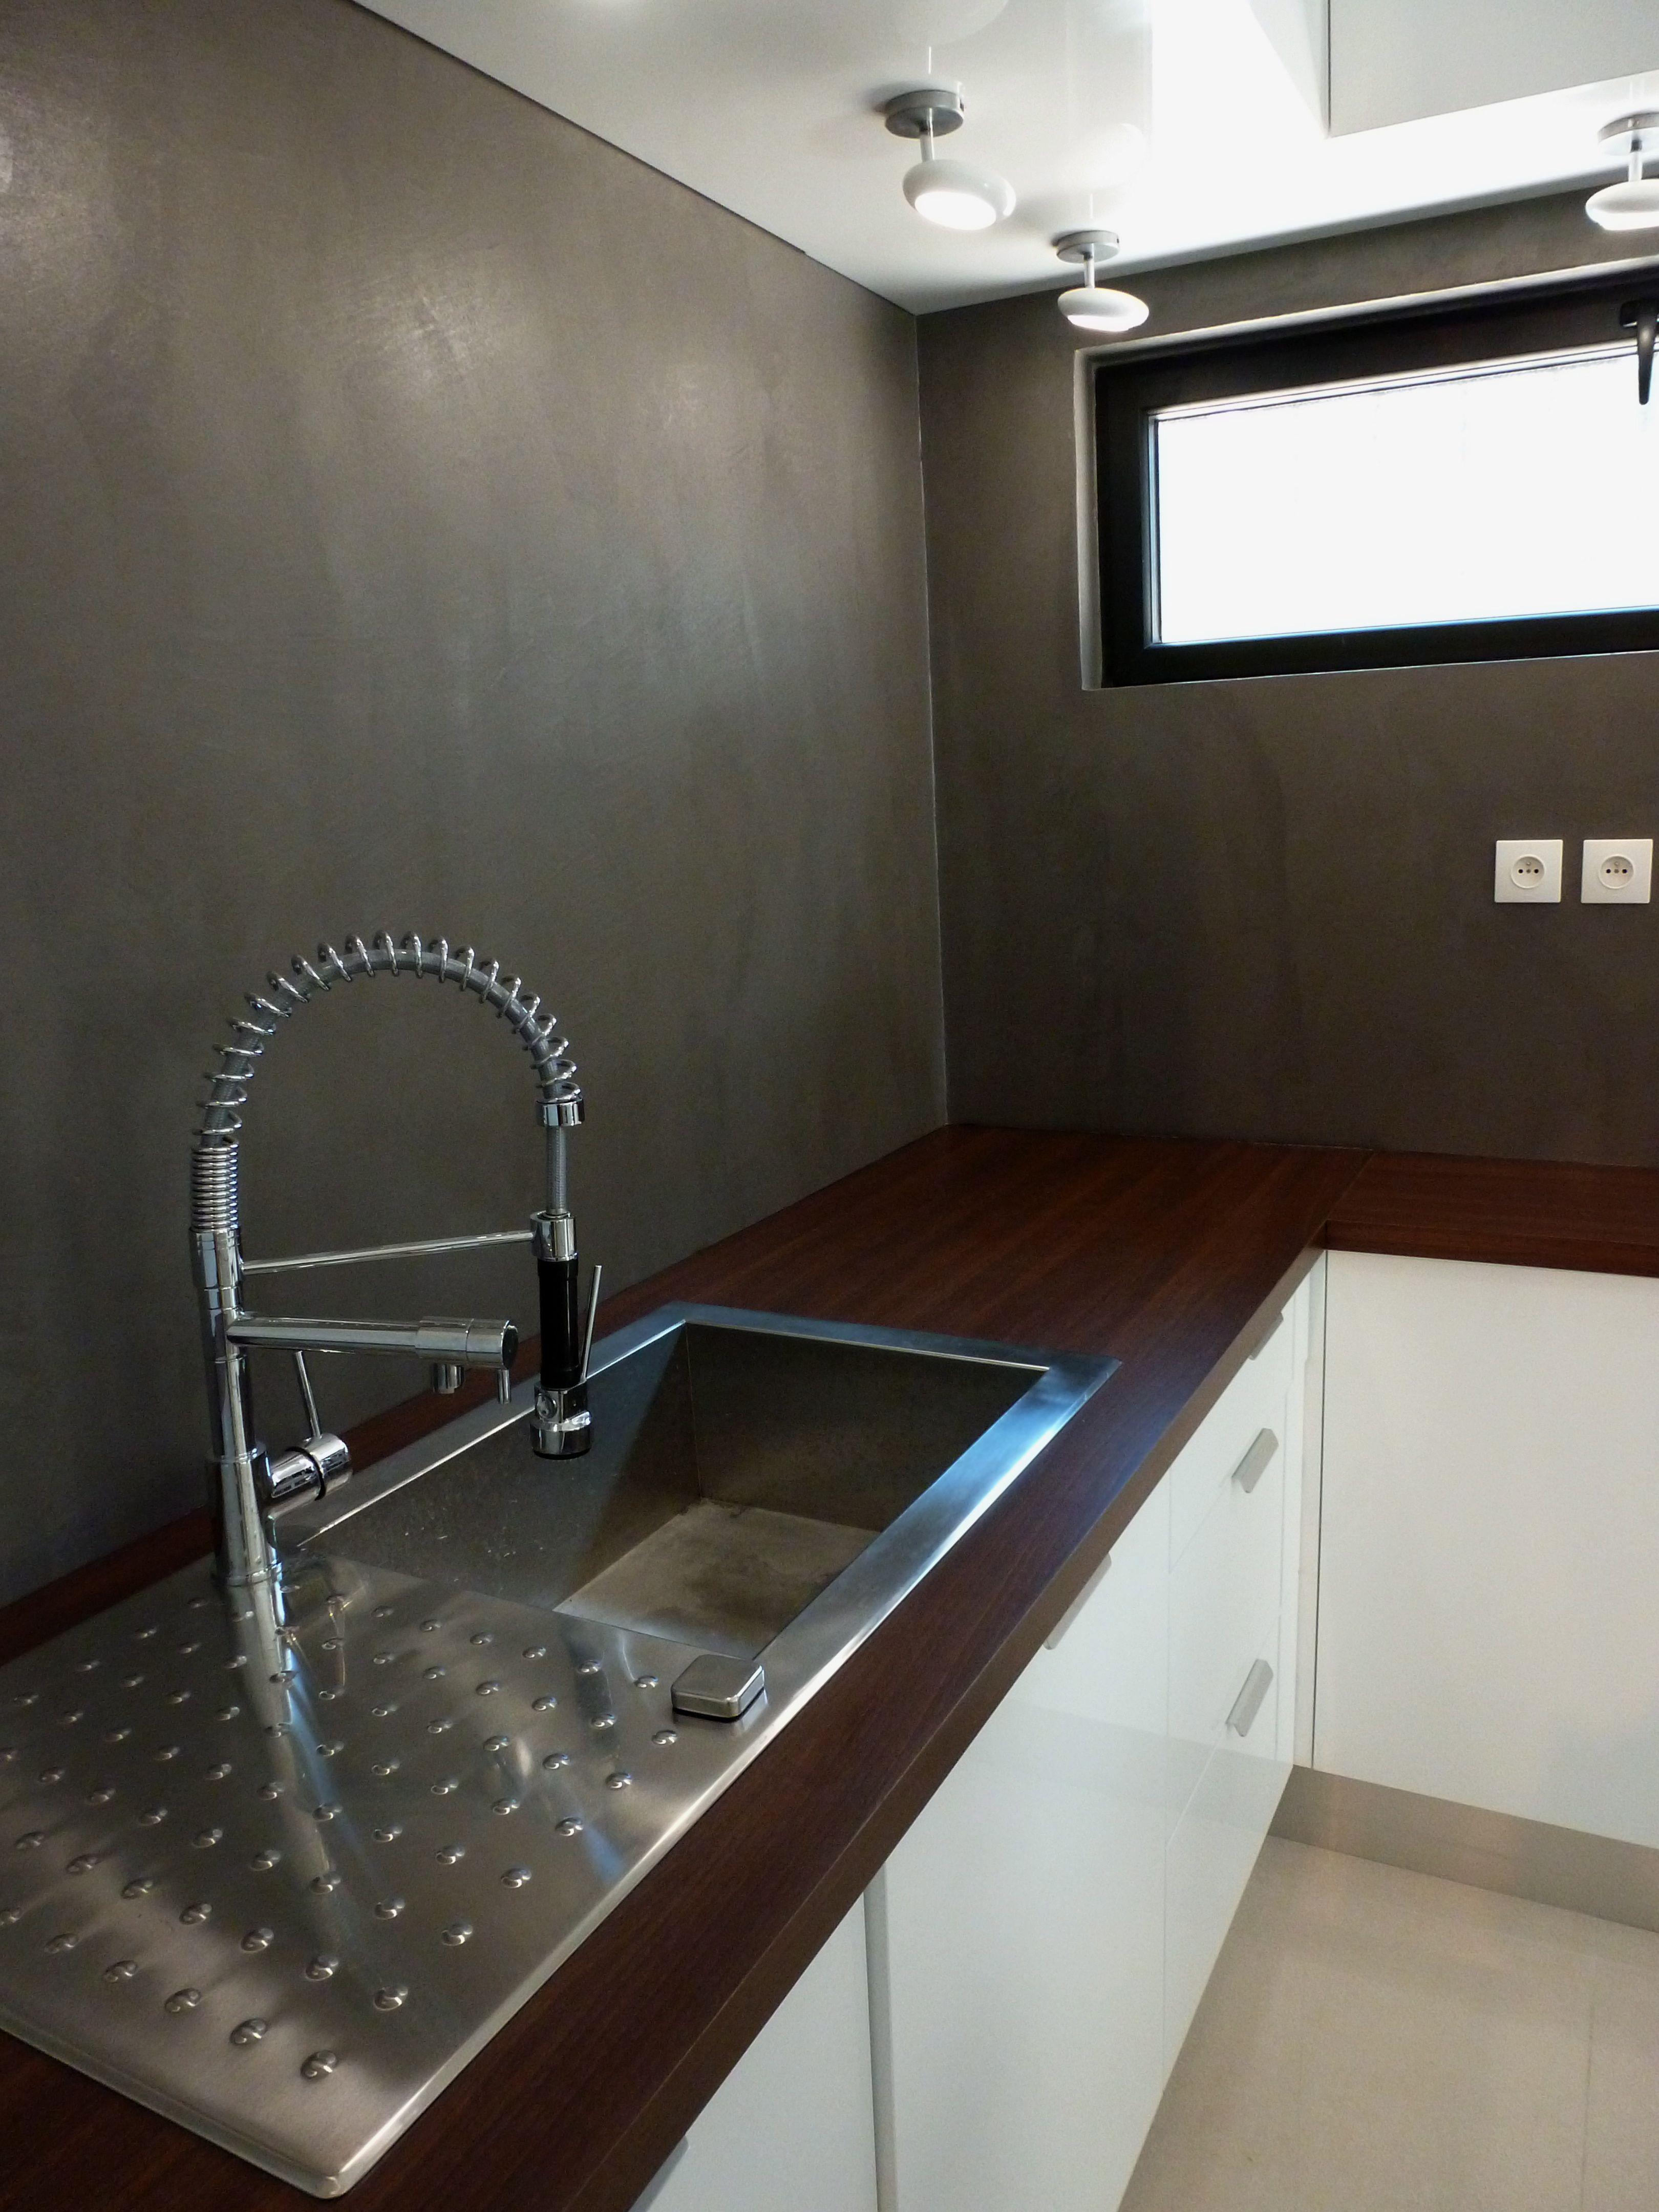 Les Lilas Credence Ciment Teinte Home Decor Decor Dream House